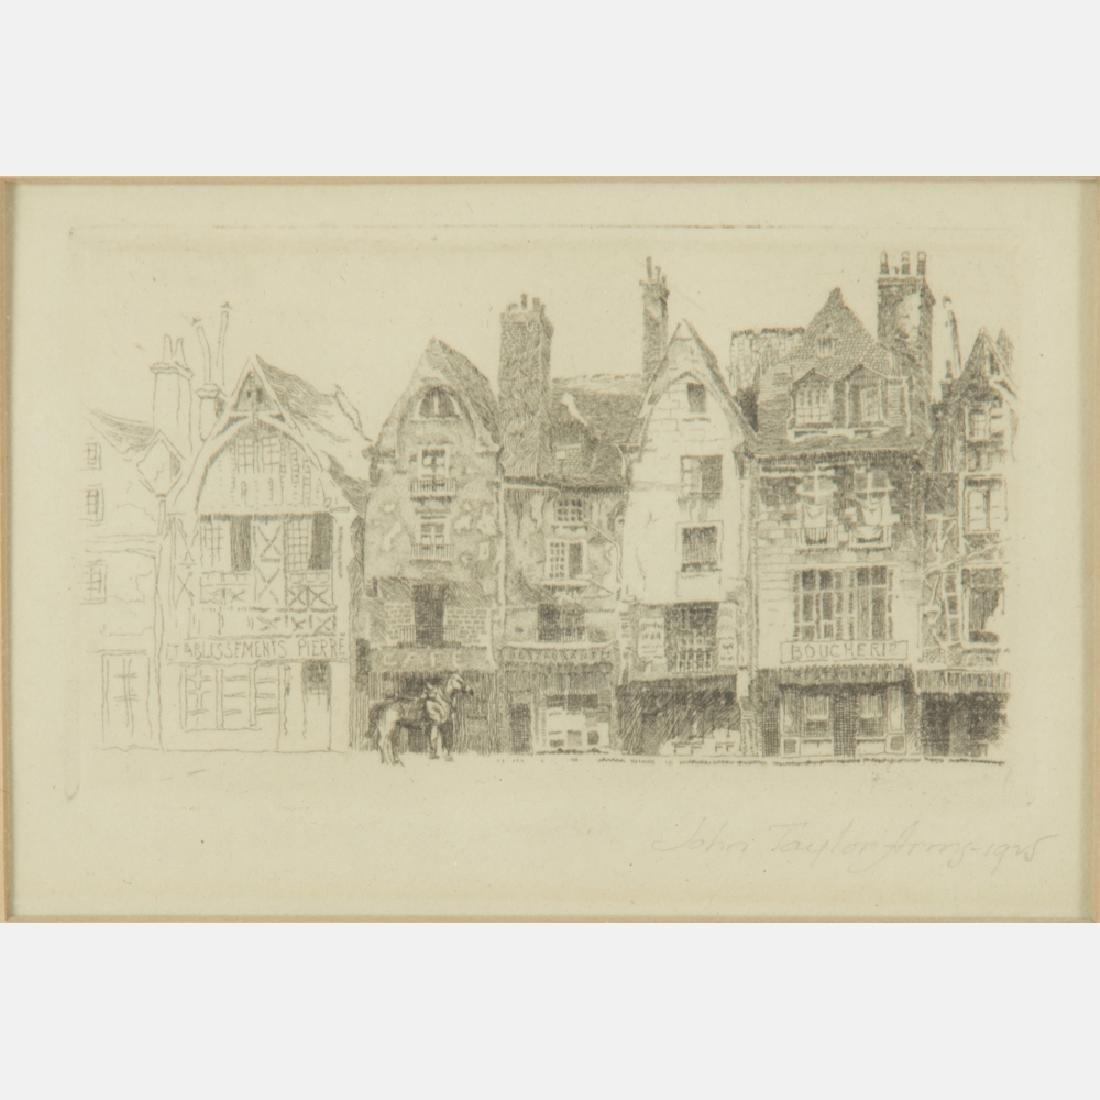 John Taylor Arms (1887-953) Place Plumereau, Tours,